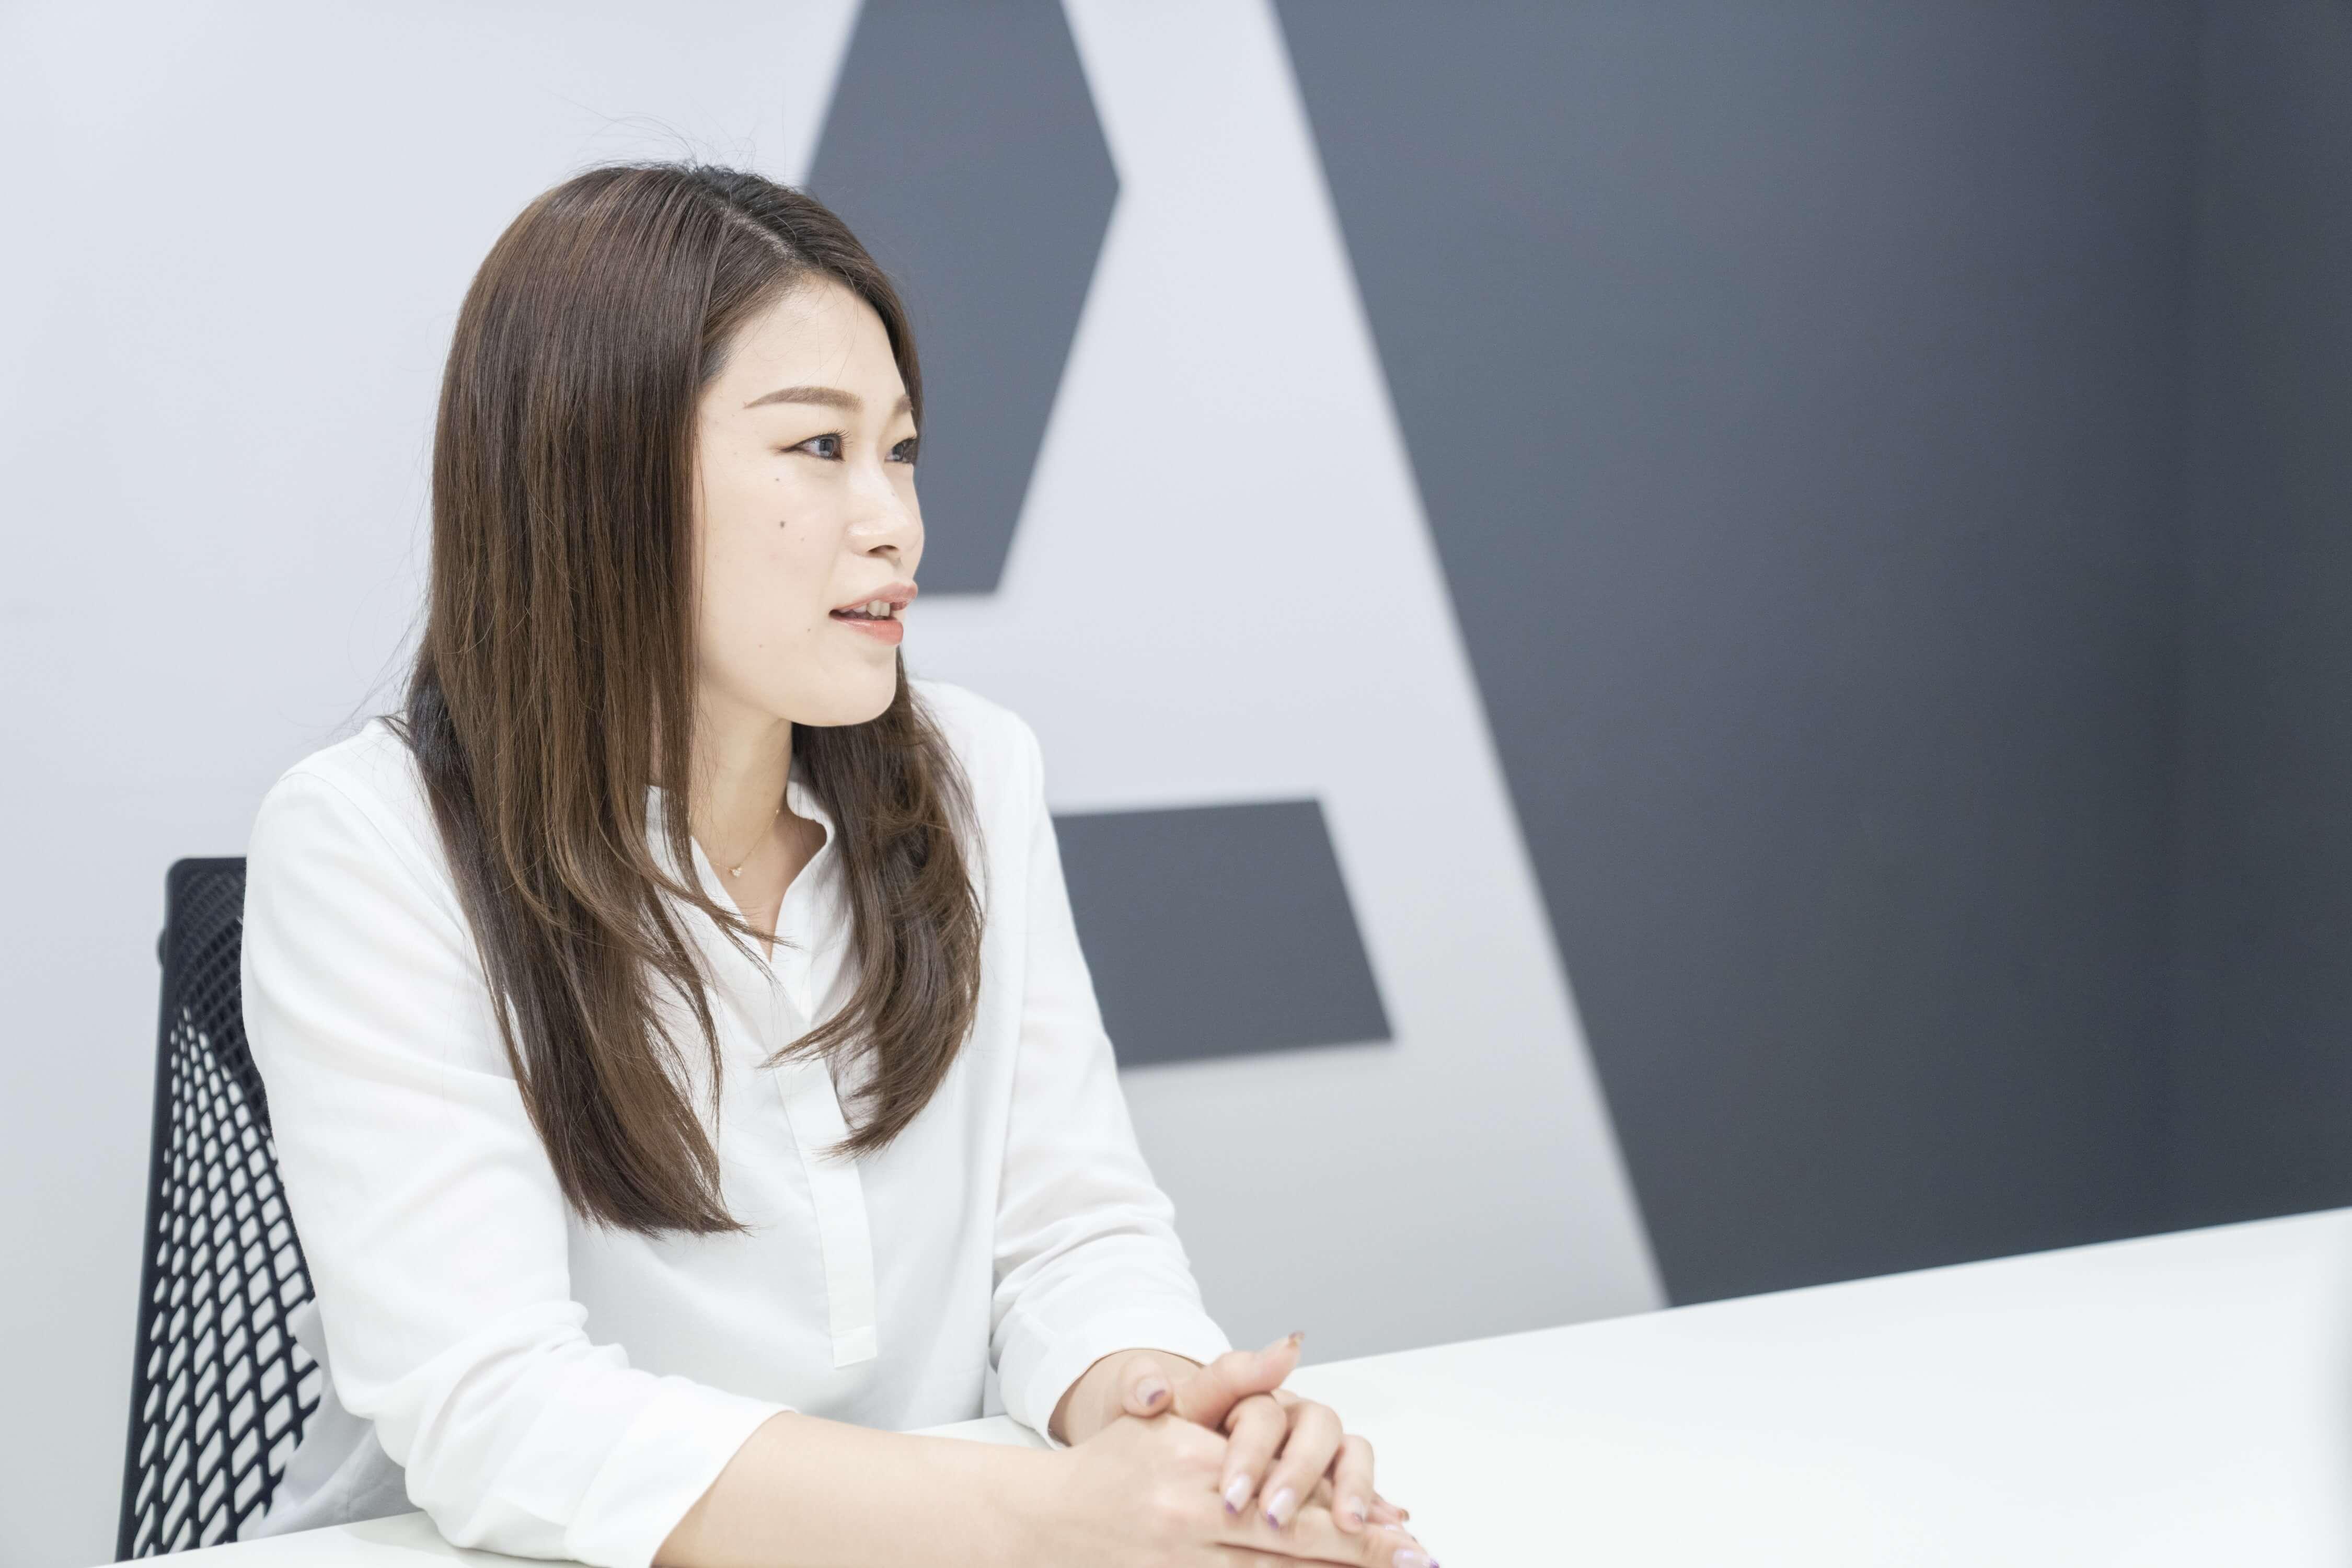 ベルタ様インタビュー④